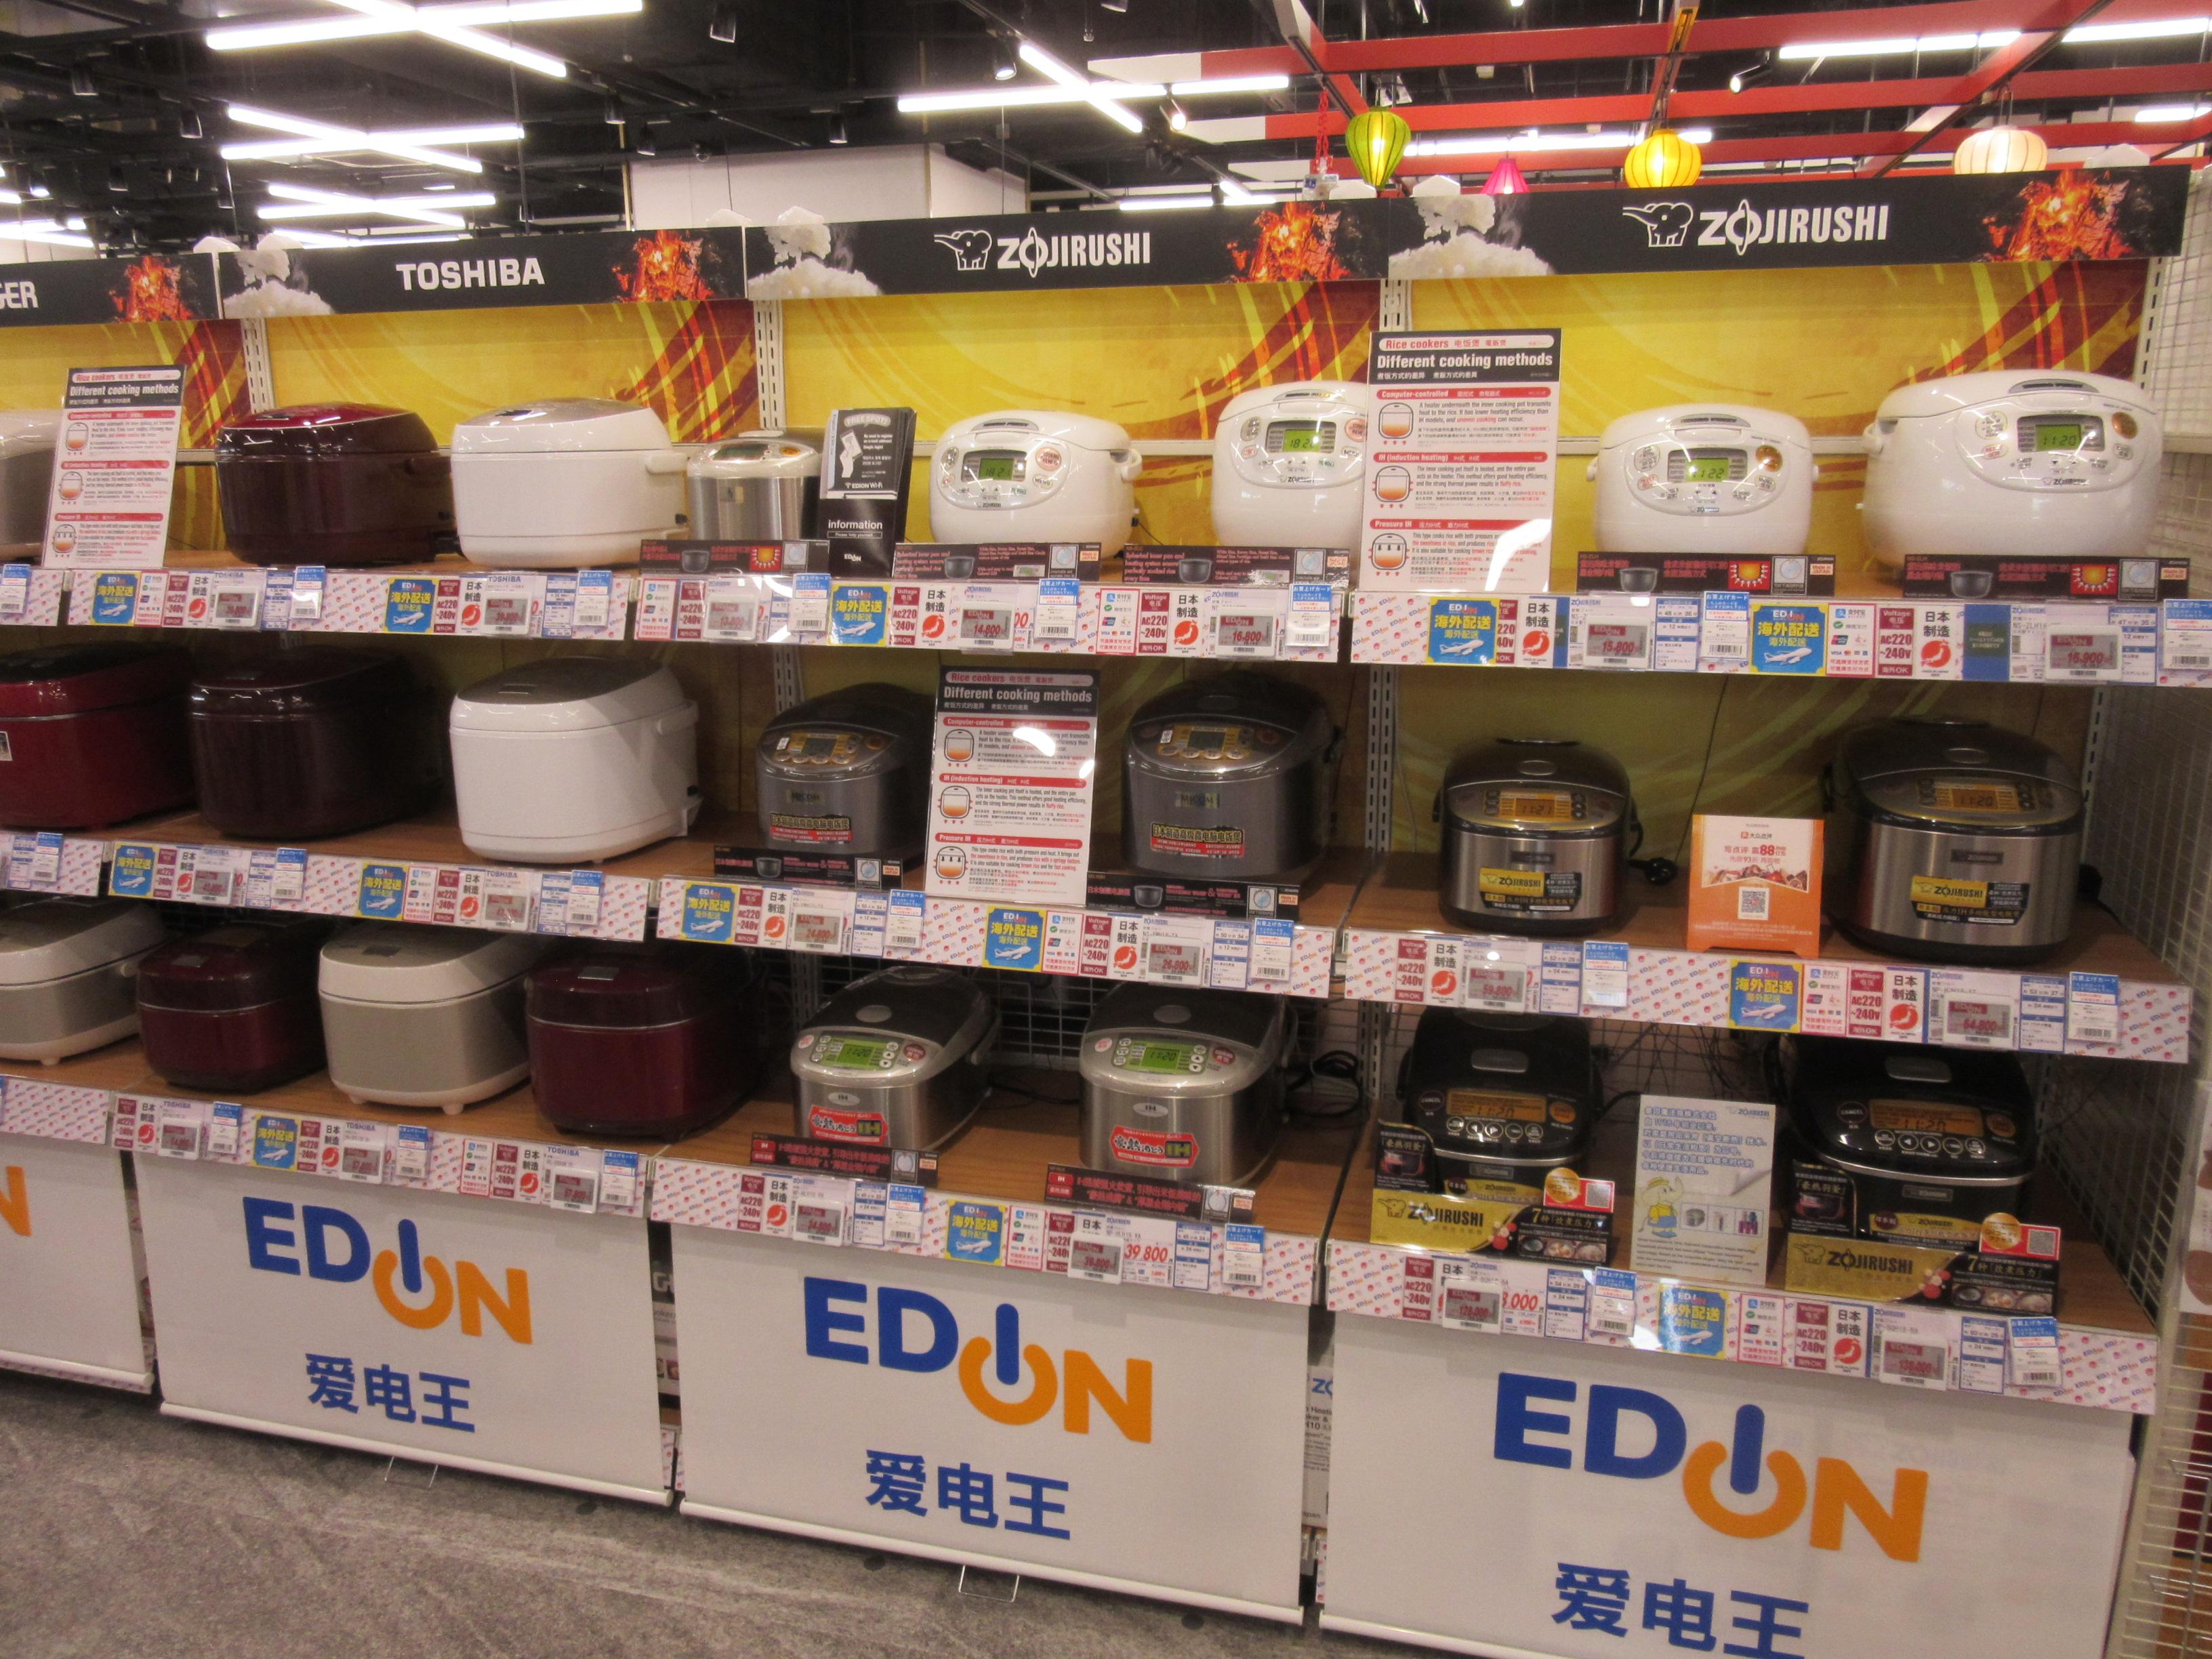 訪日外国客向けの家電商品も揃え、インバウンド対応のスタッフも配置している